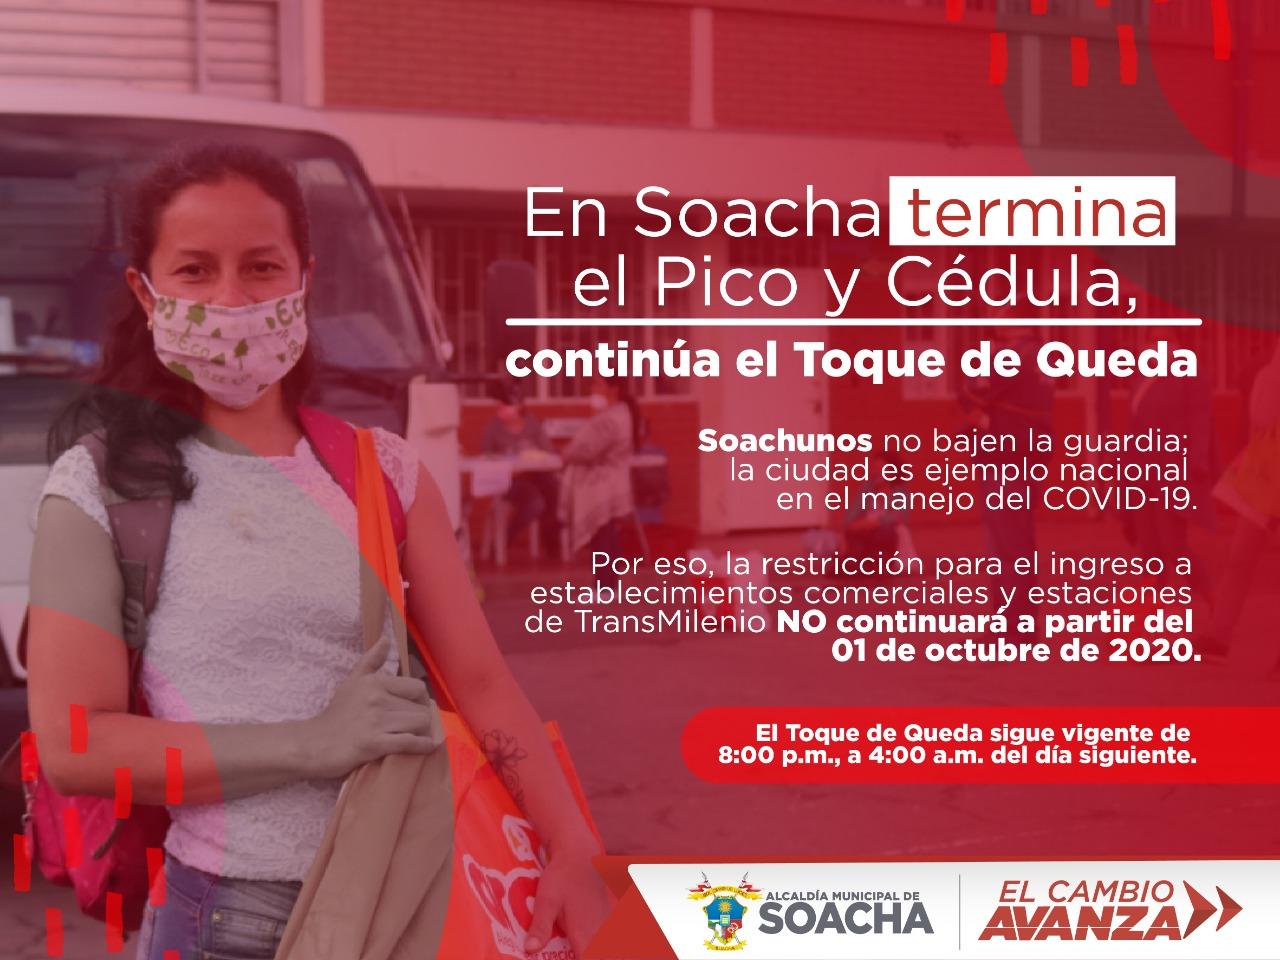 Pico y Cédula se termina en Soacha, pero sigue vigente el toque de queda